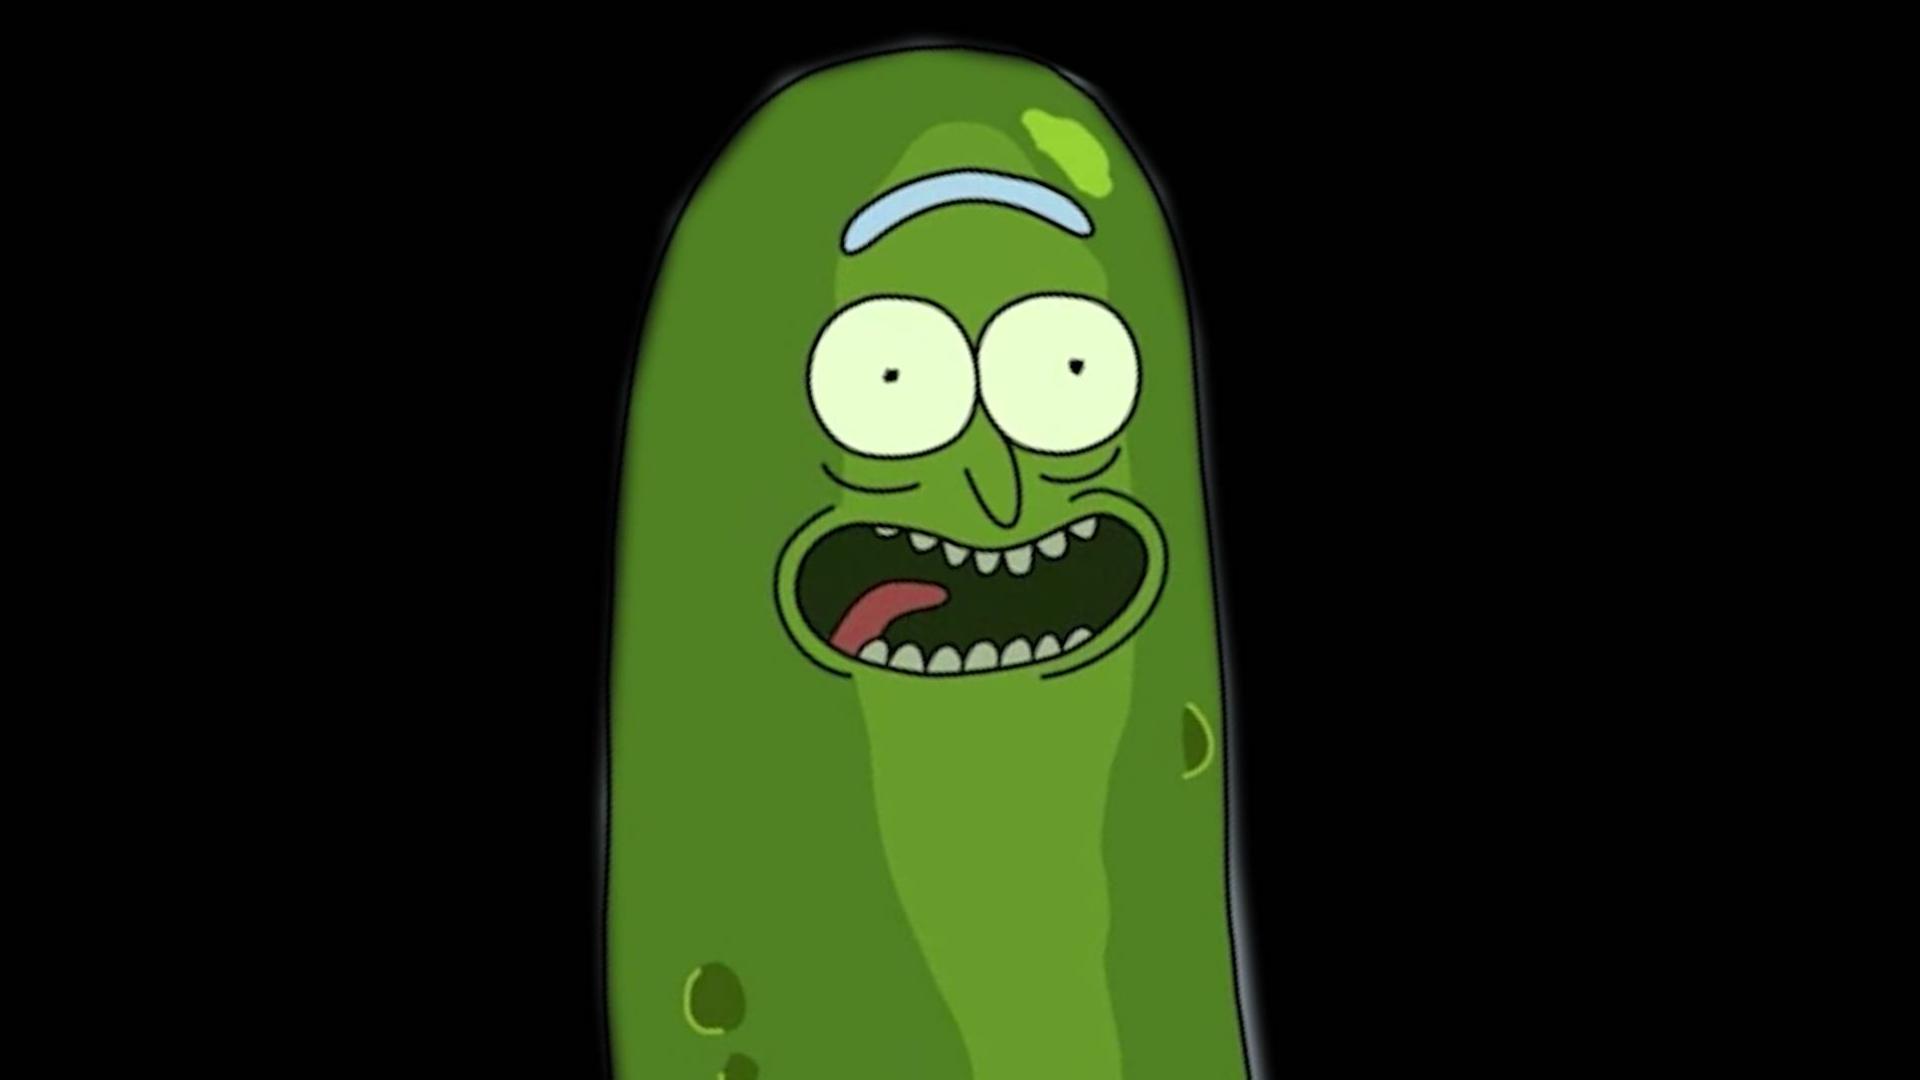 Rick And Morty - wubba lubba dub dub